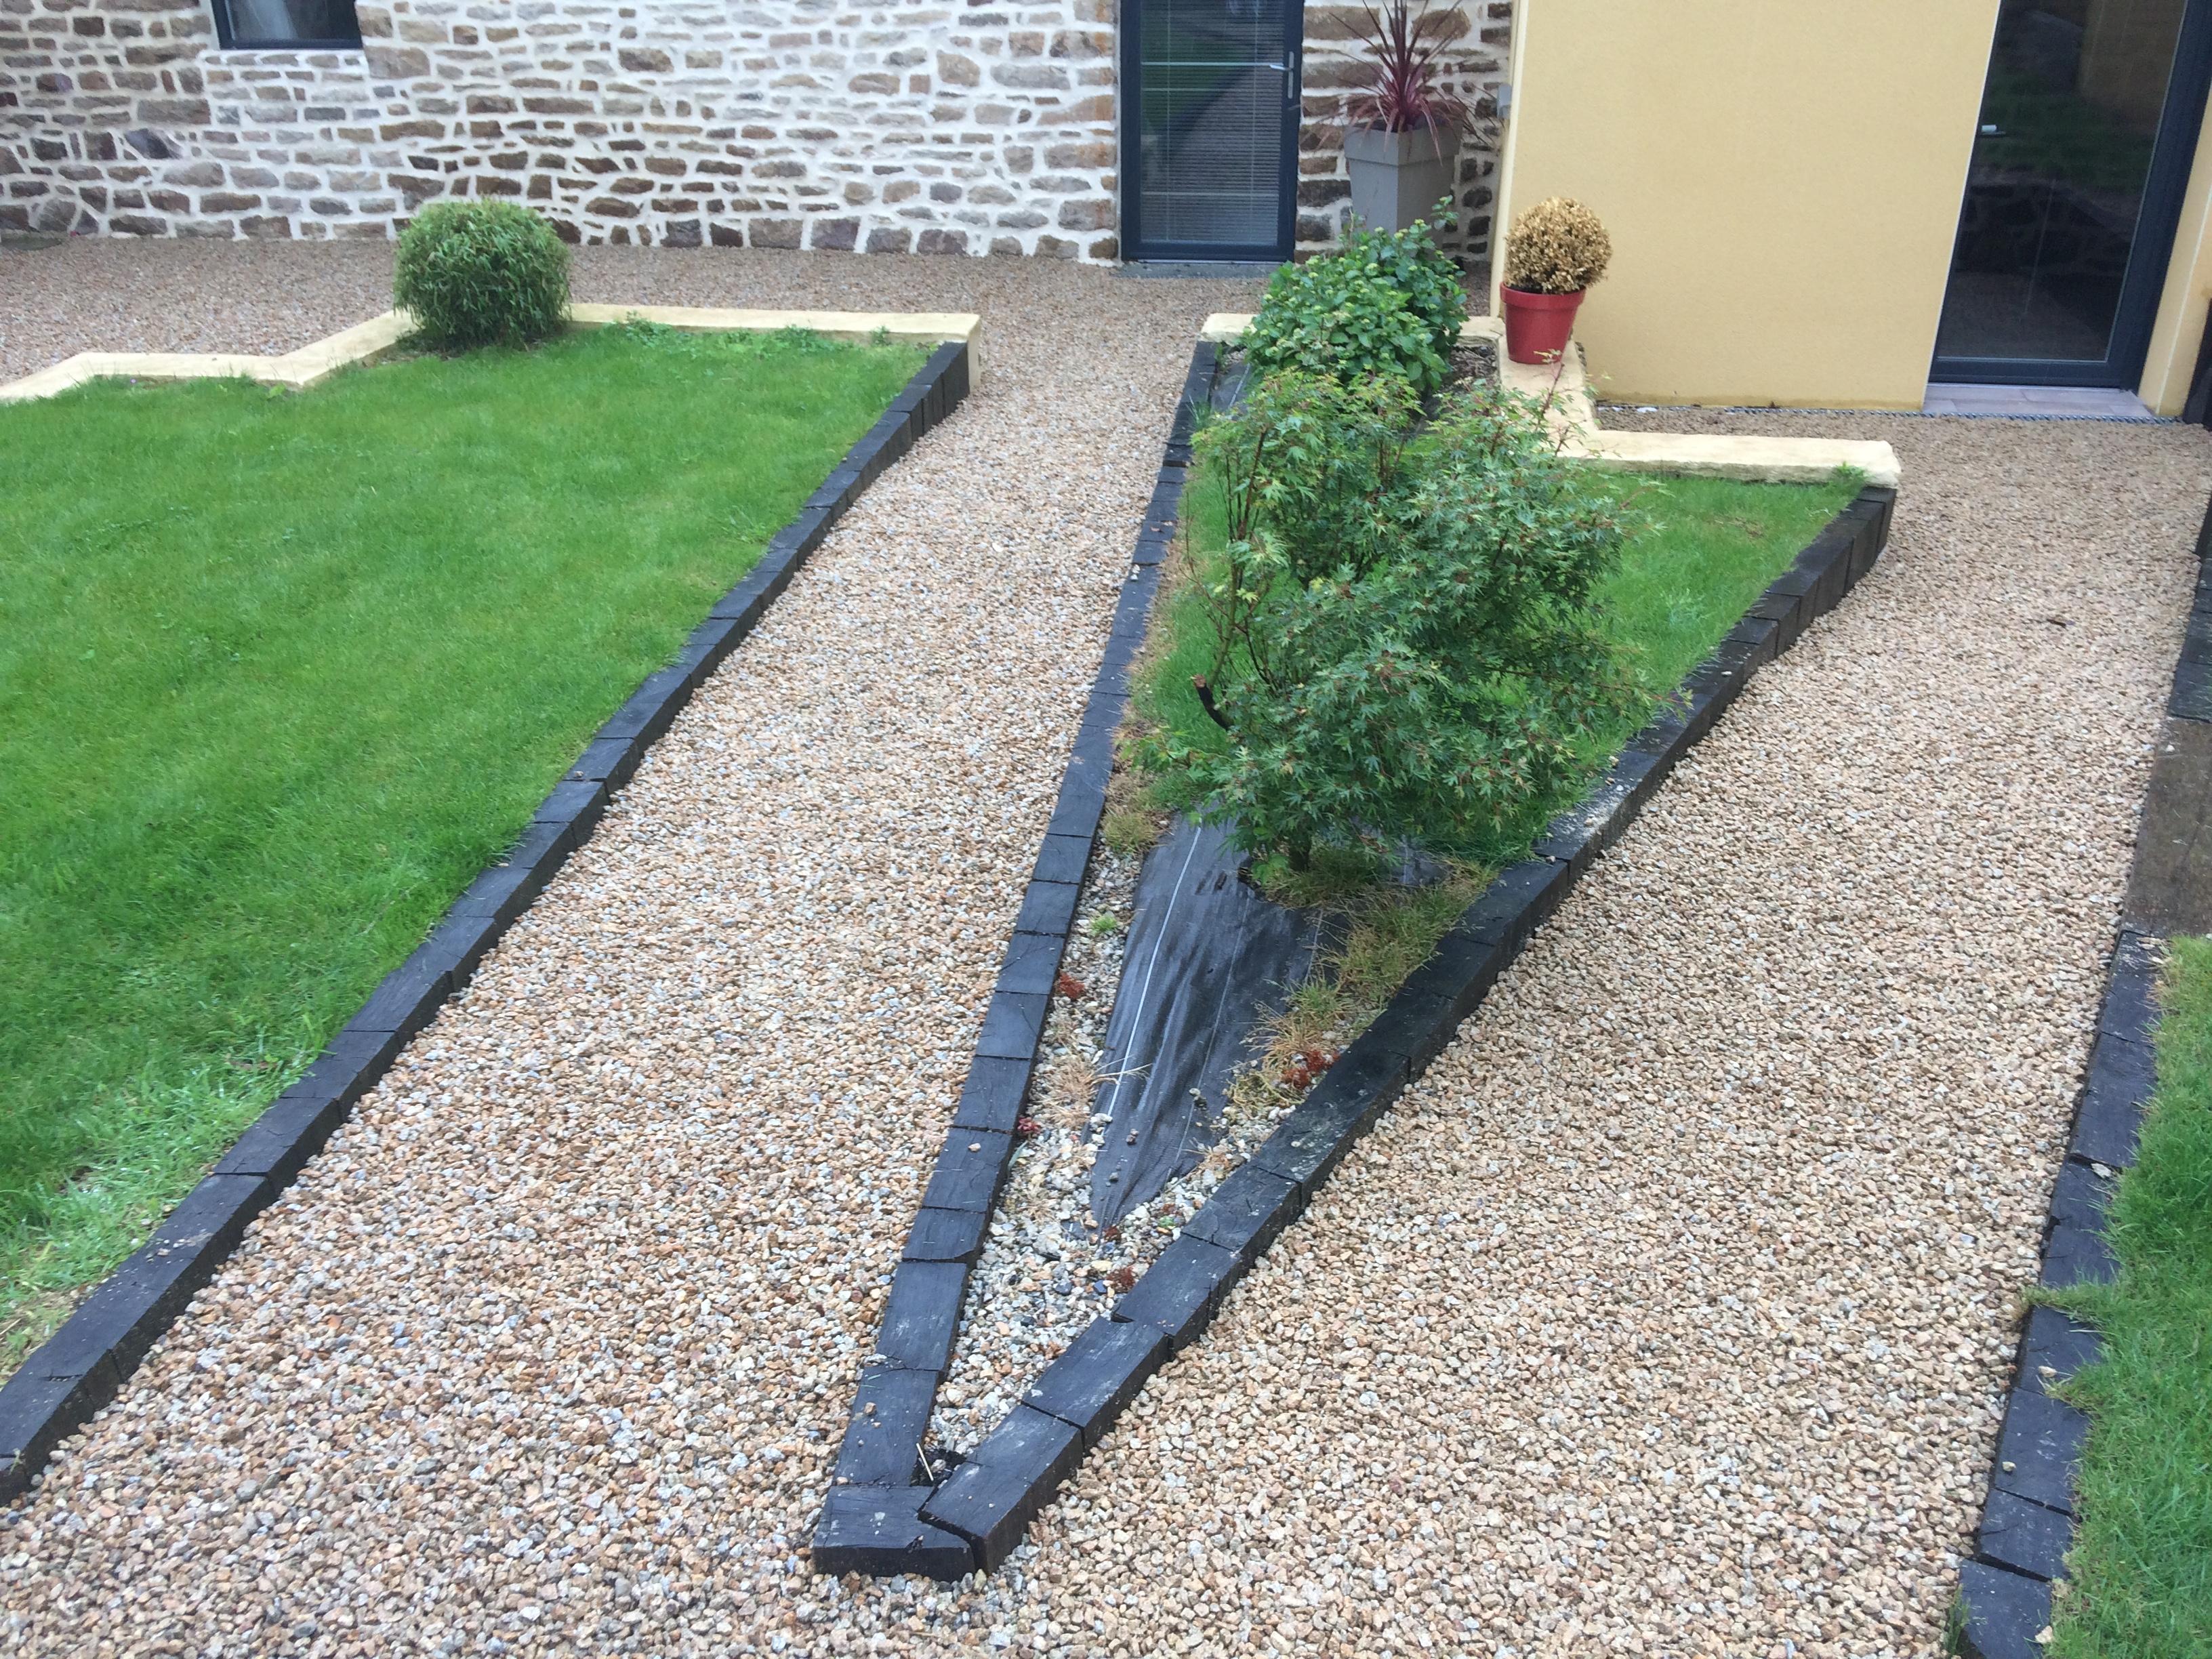 Cornouaille jardin cr ation et entretien de jardins en for Jardin creation entretien